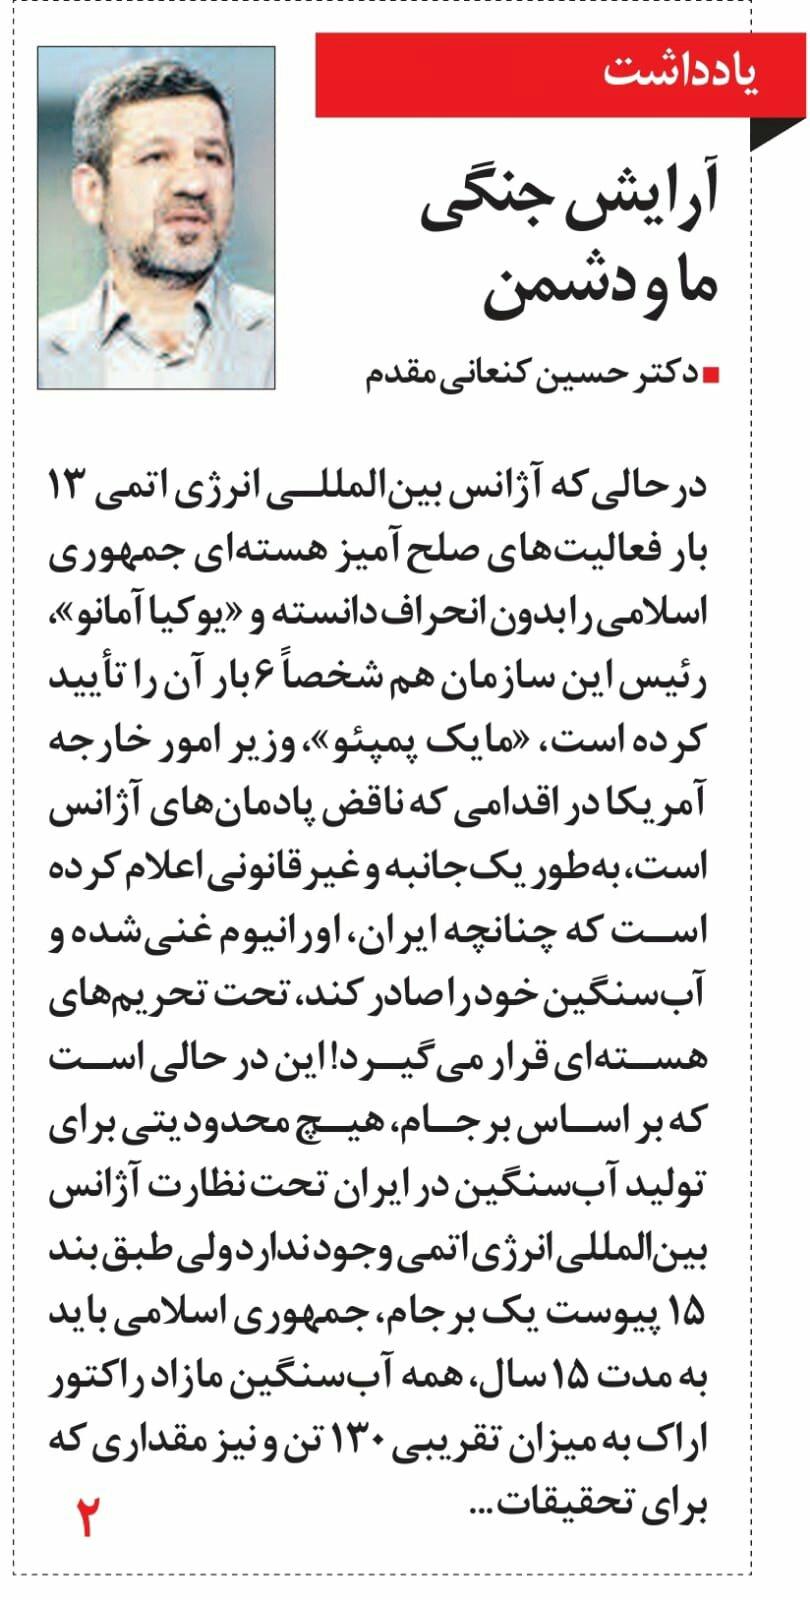 """بين الصفحات الإيرانية: أوروبا لا تستطيع مواجهة ترامب والعقوبات الأميركية """"حرب تجميلية"""" 2"""